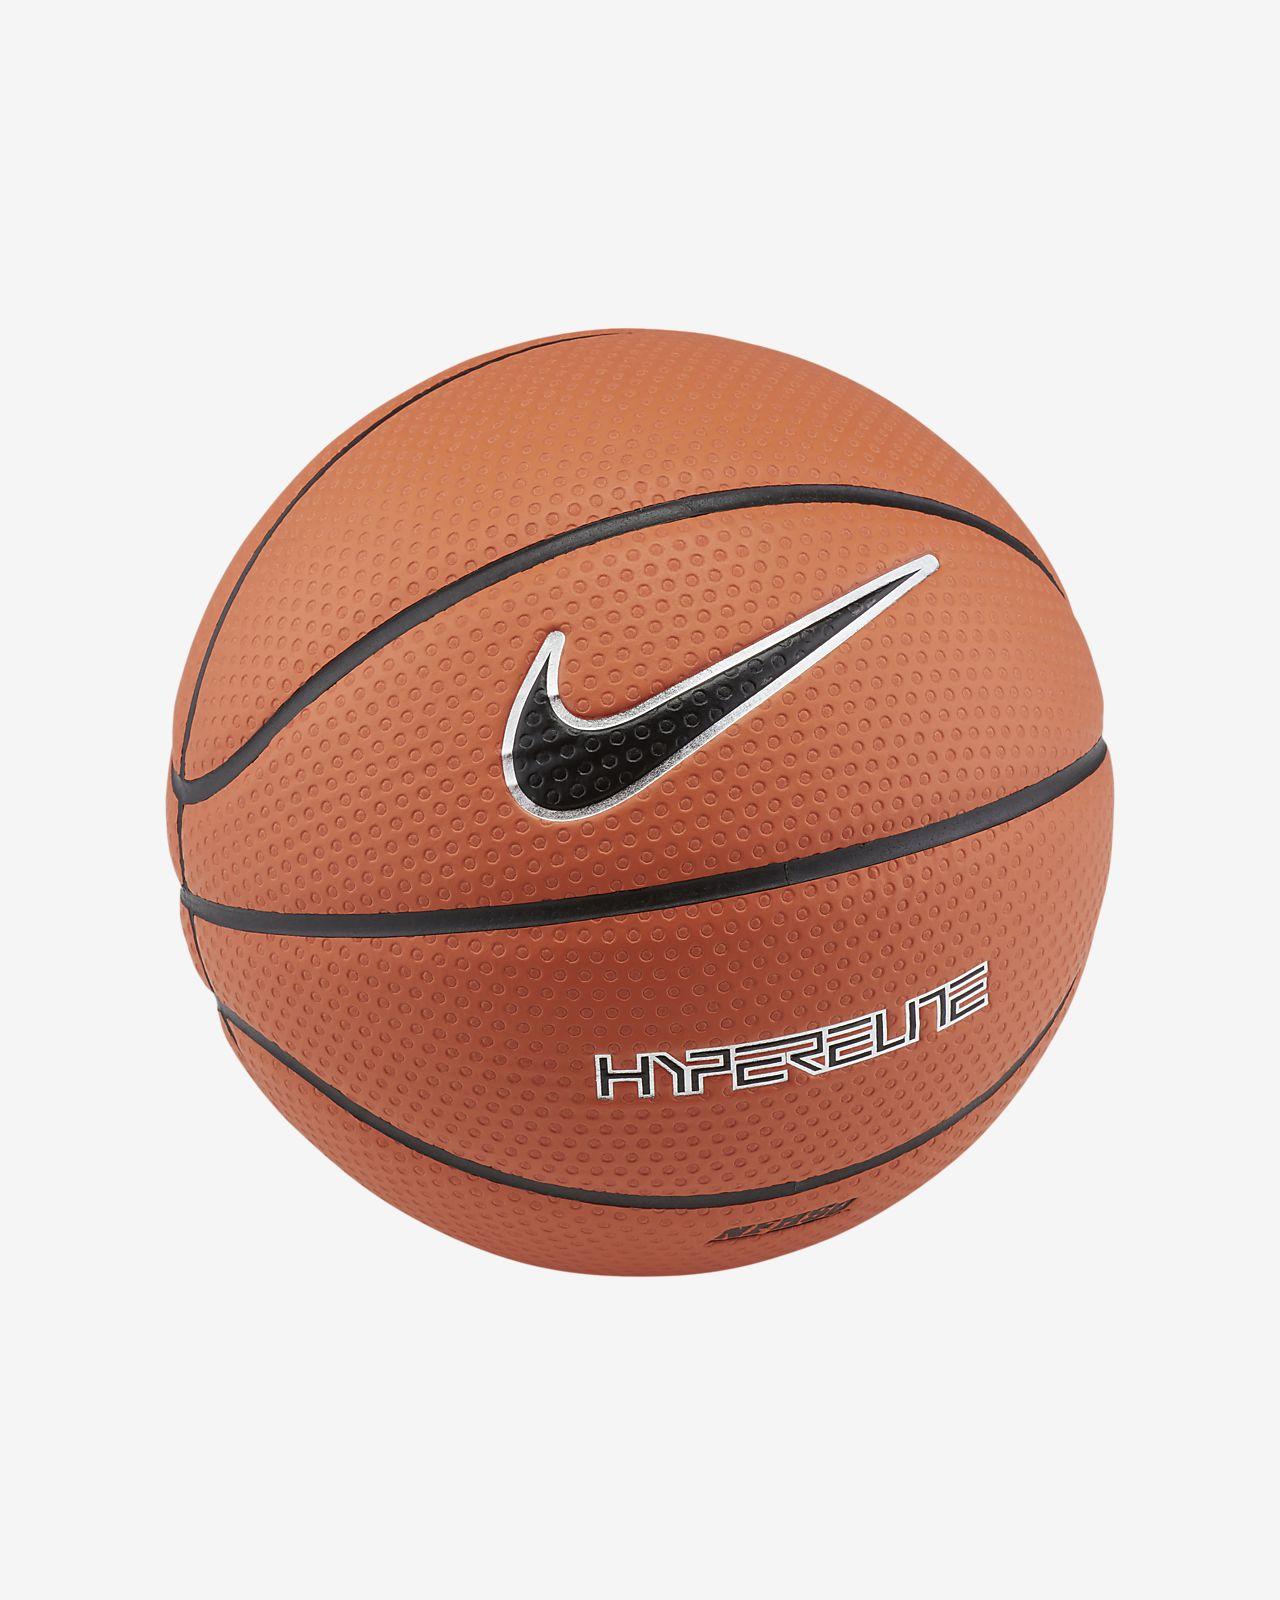 5a432a159 Bola de basquetebol Nike Hyper Elite 8P Basketball. Nike.com PT